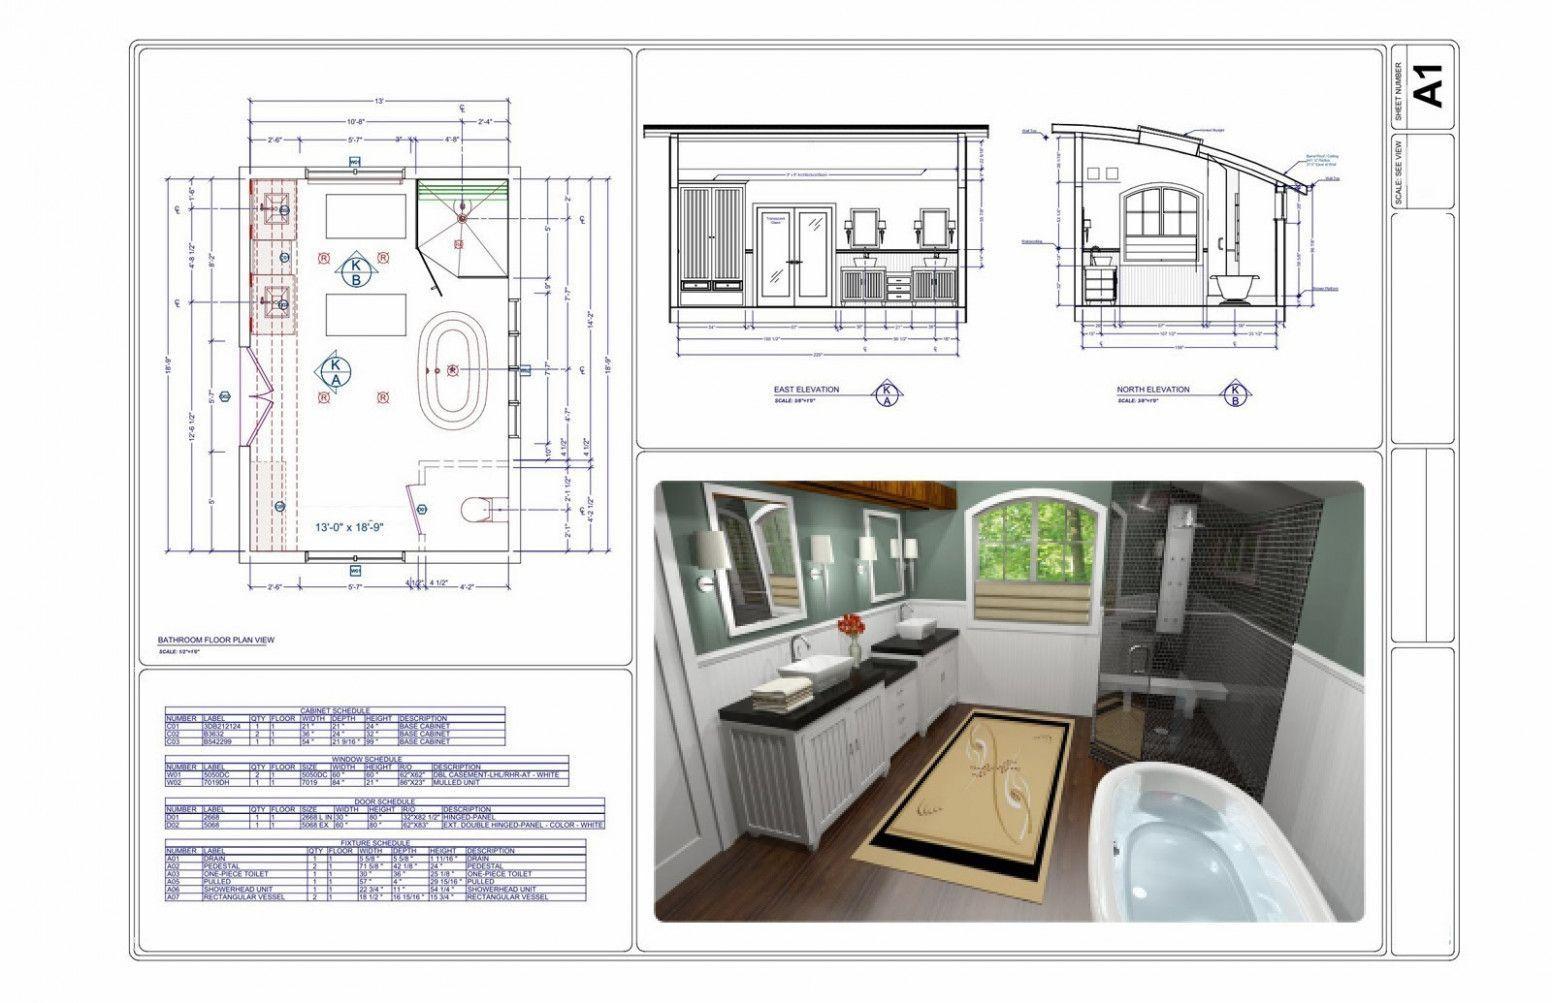 #kitchendesigntoolonline | Bathroom design tool, Bathroom ...